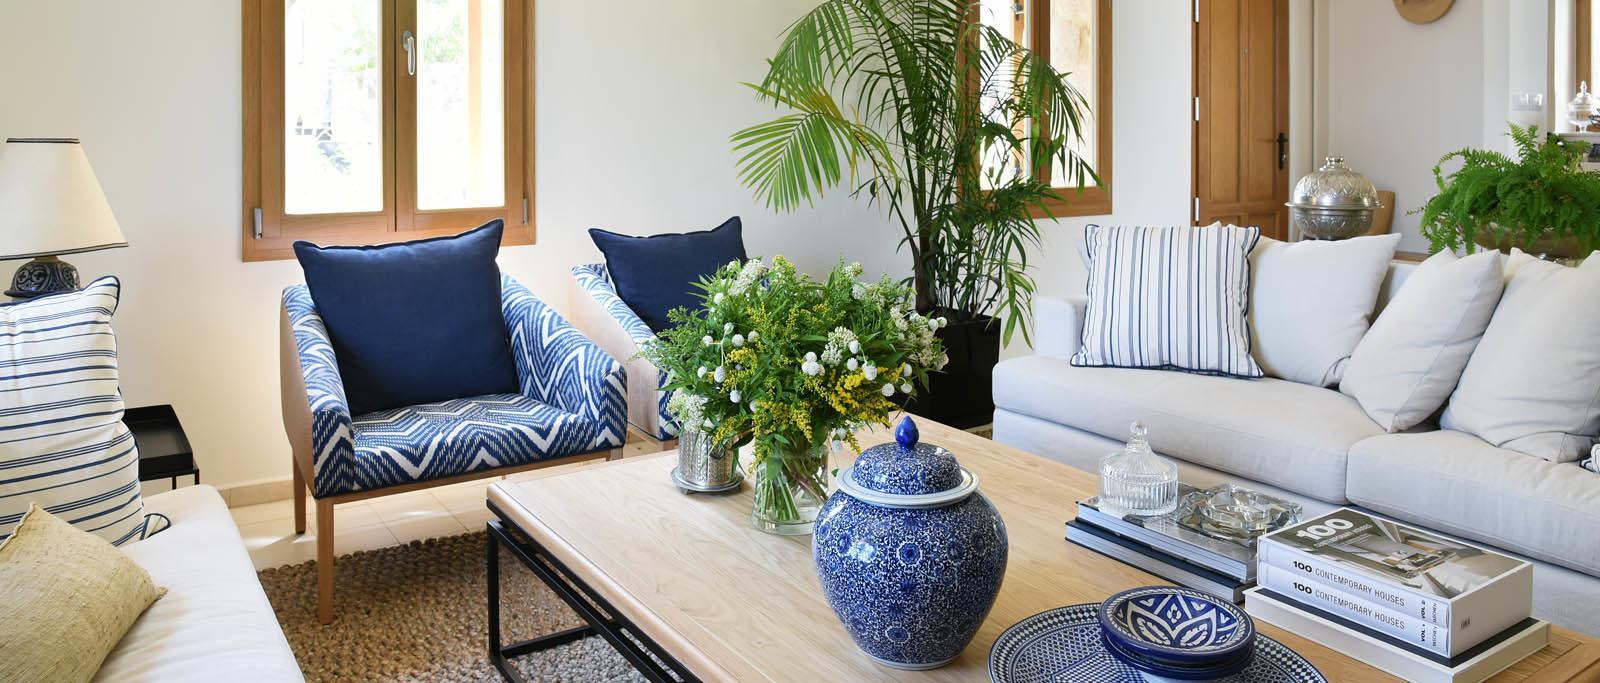 רהיטים בסגנון כפרי